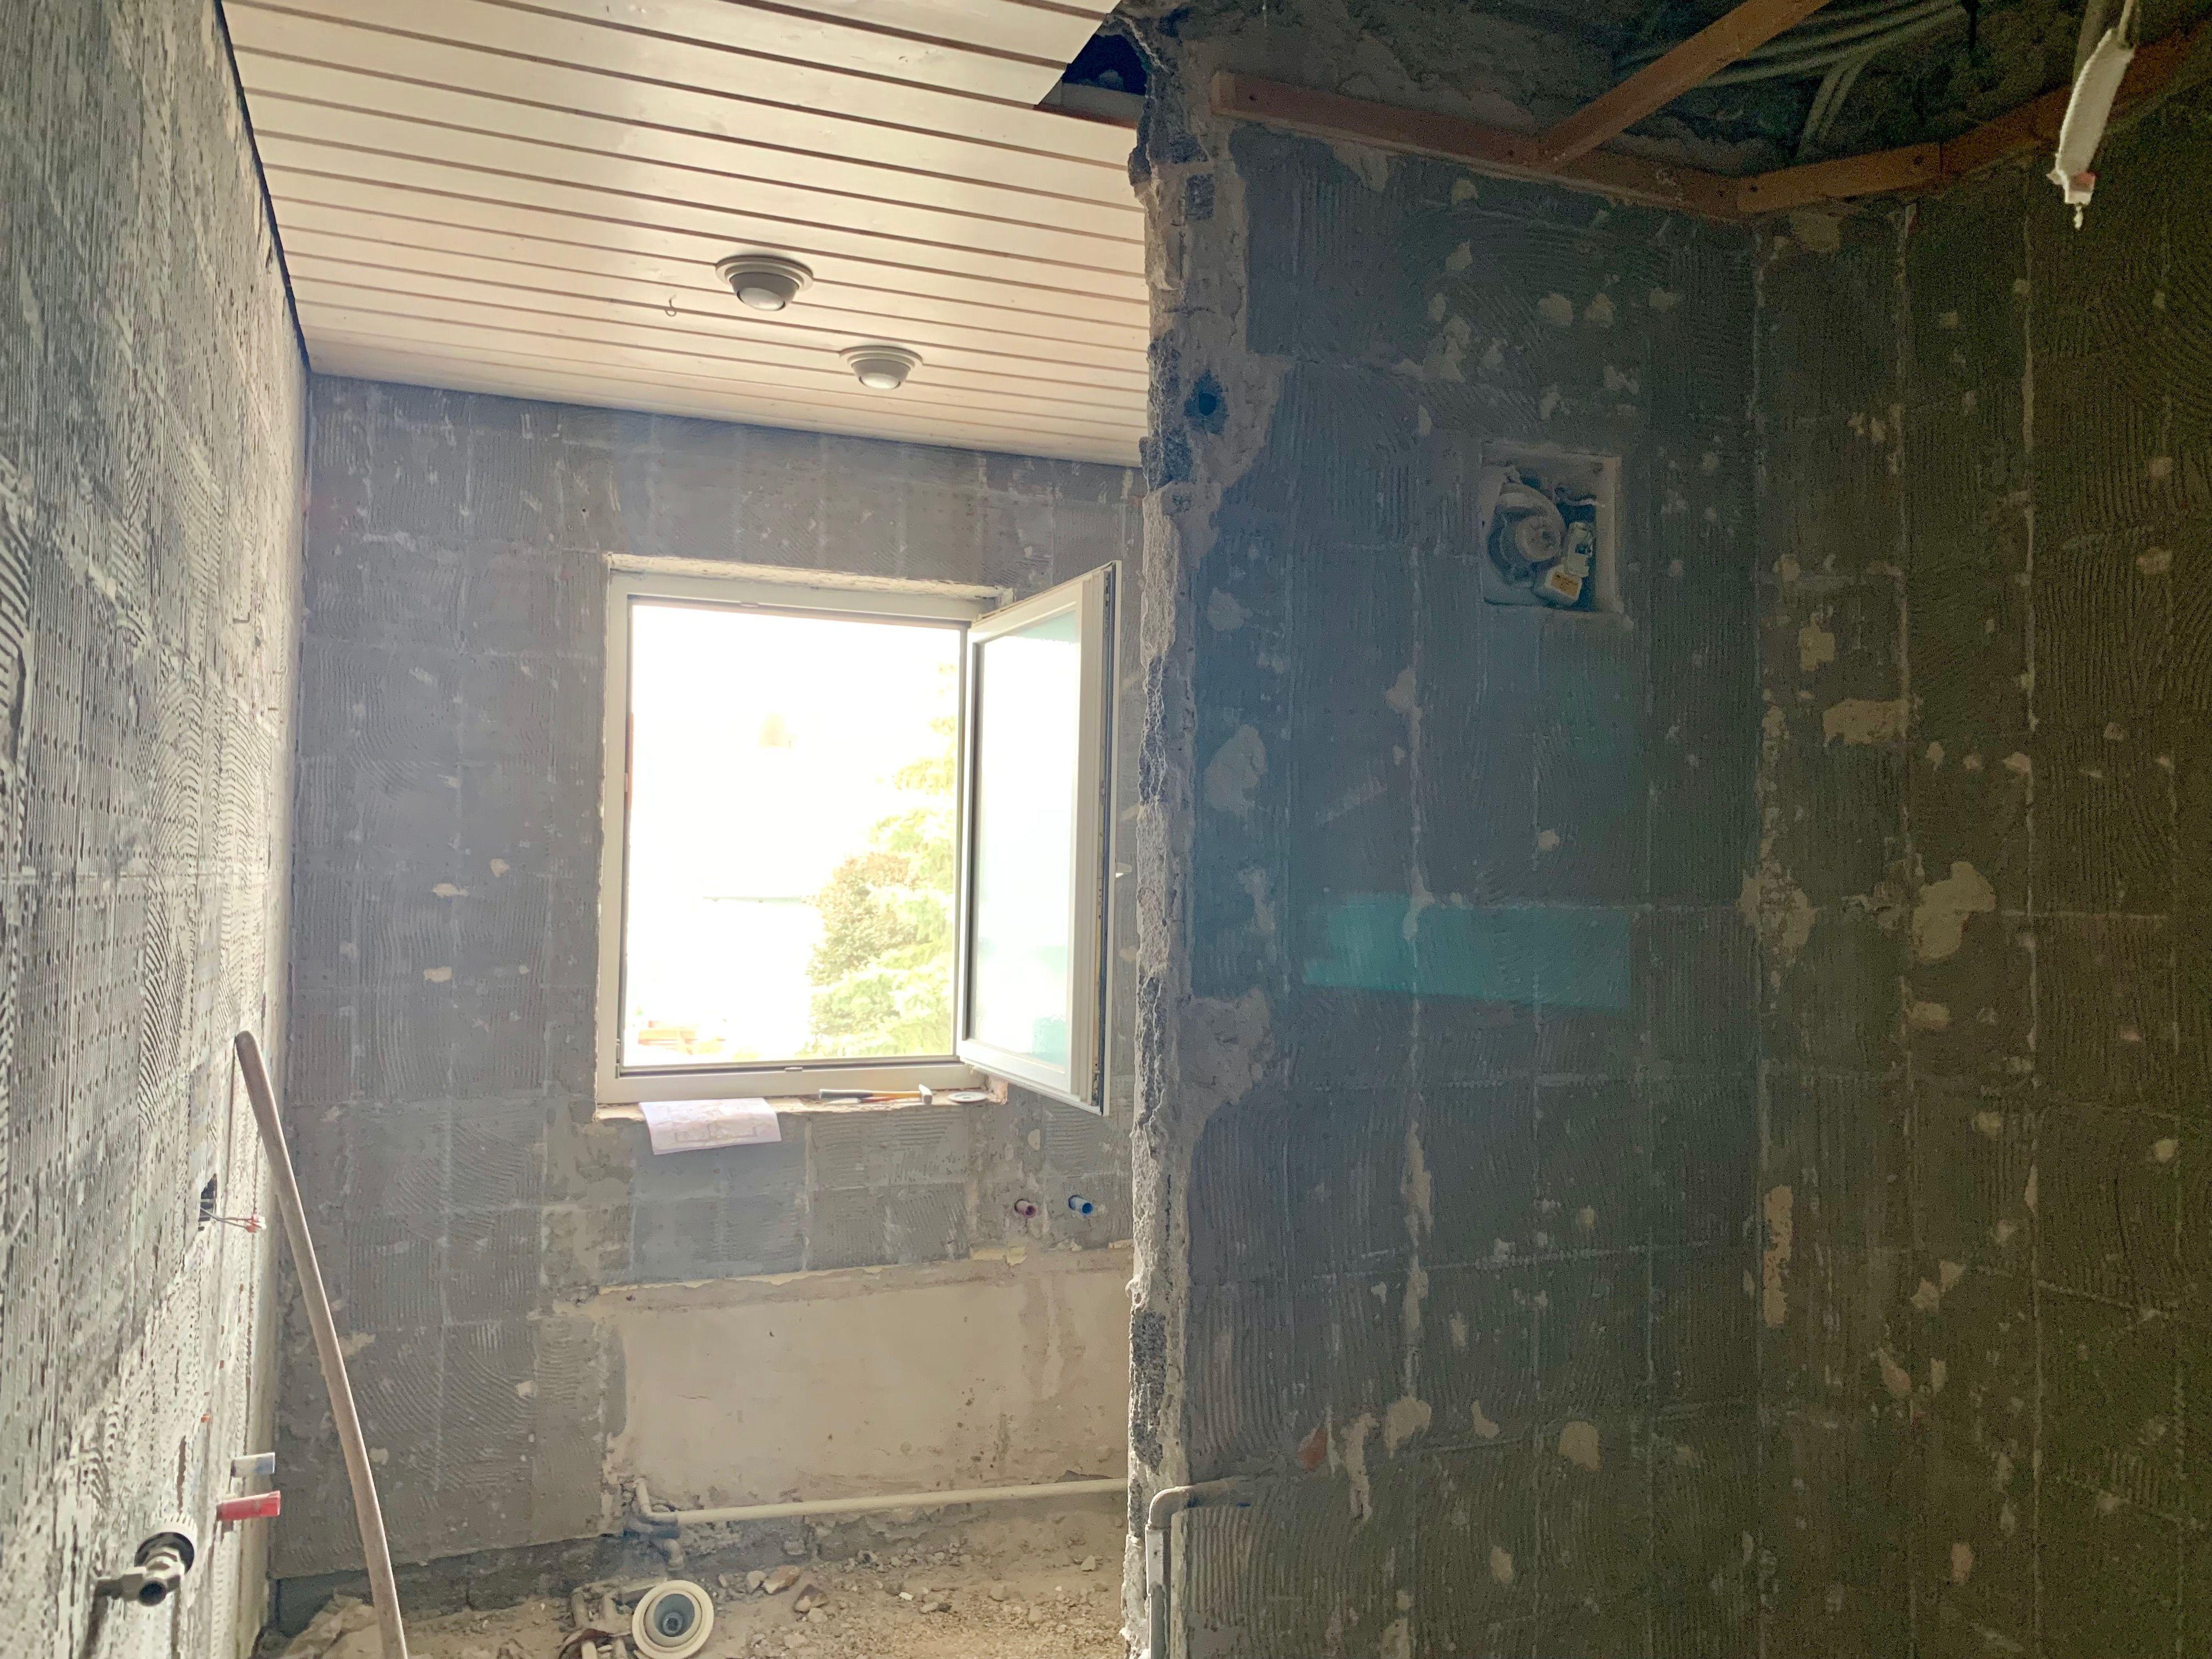 IMG 3729 - Wie man alten Häusern neues Leben einhaucht